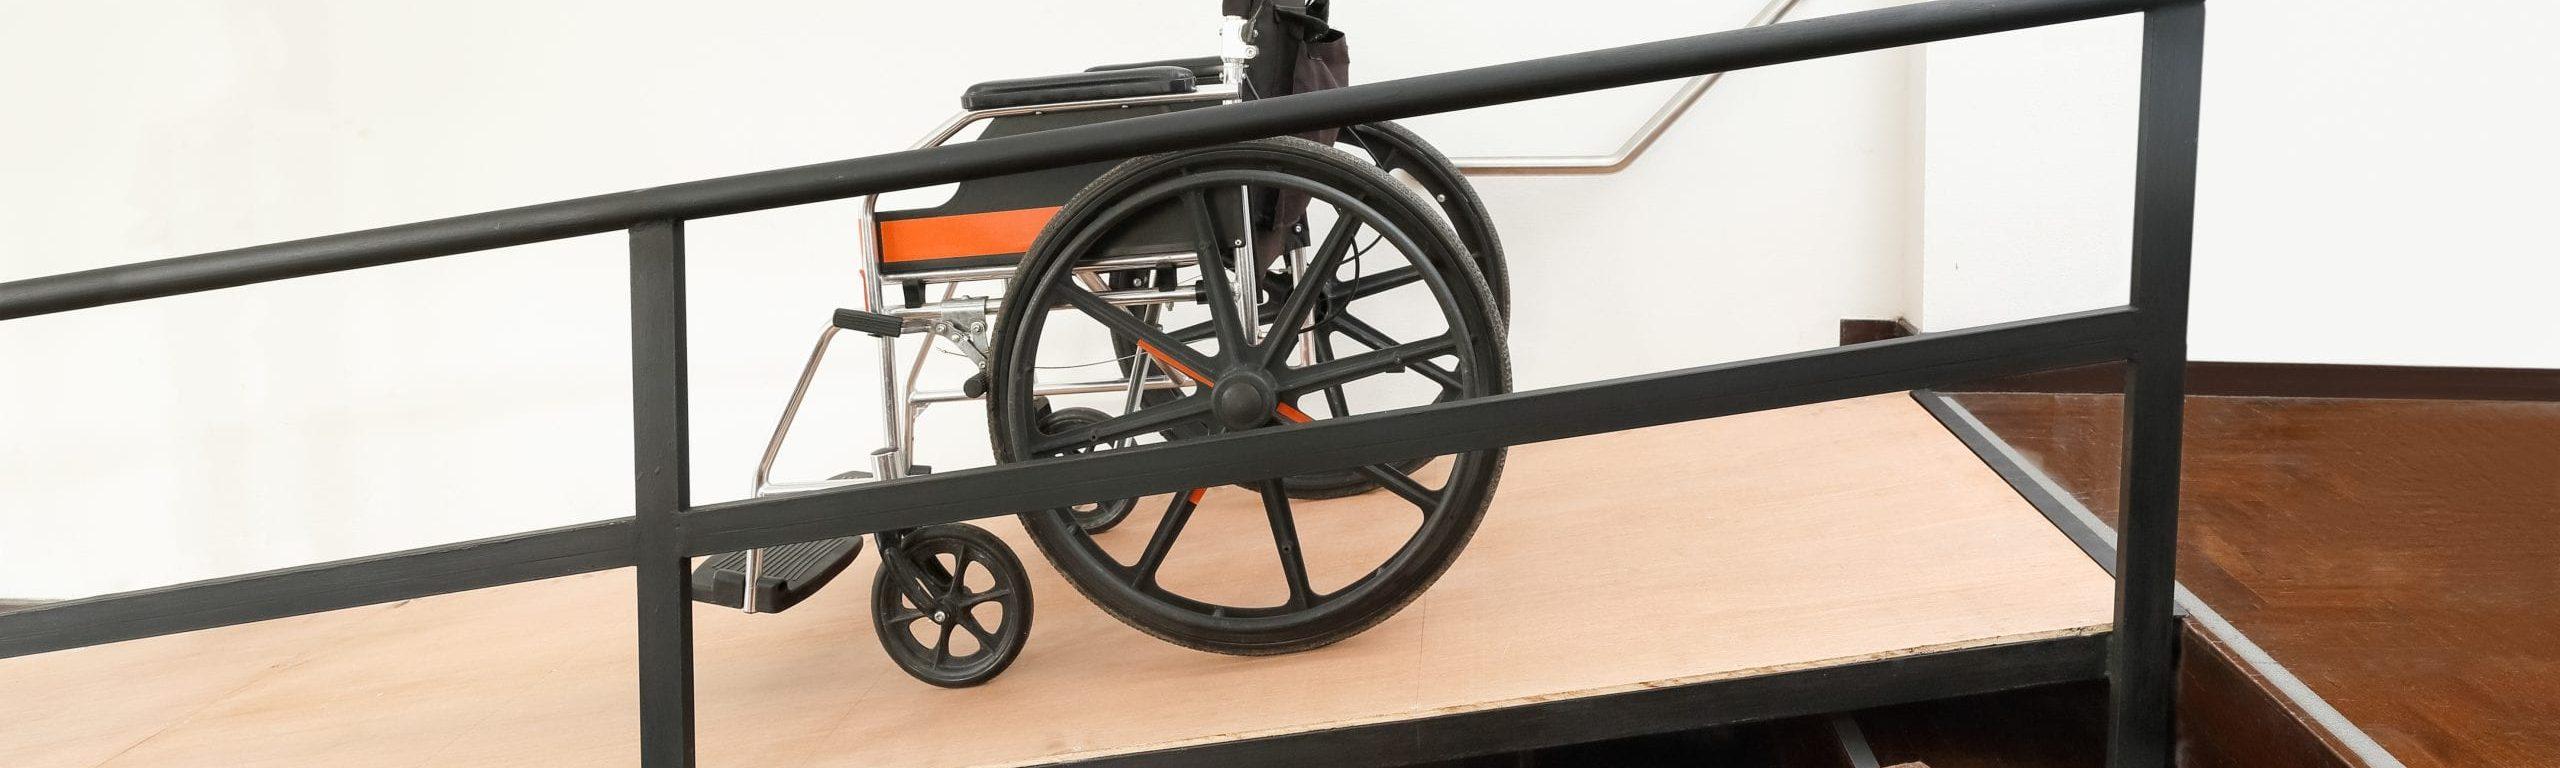 Rollstuhl auf einer Rampe